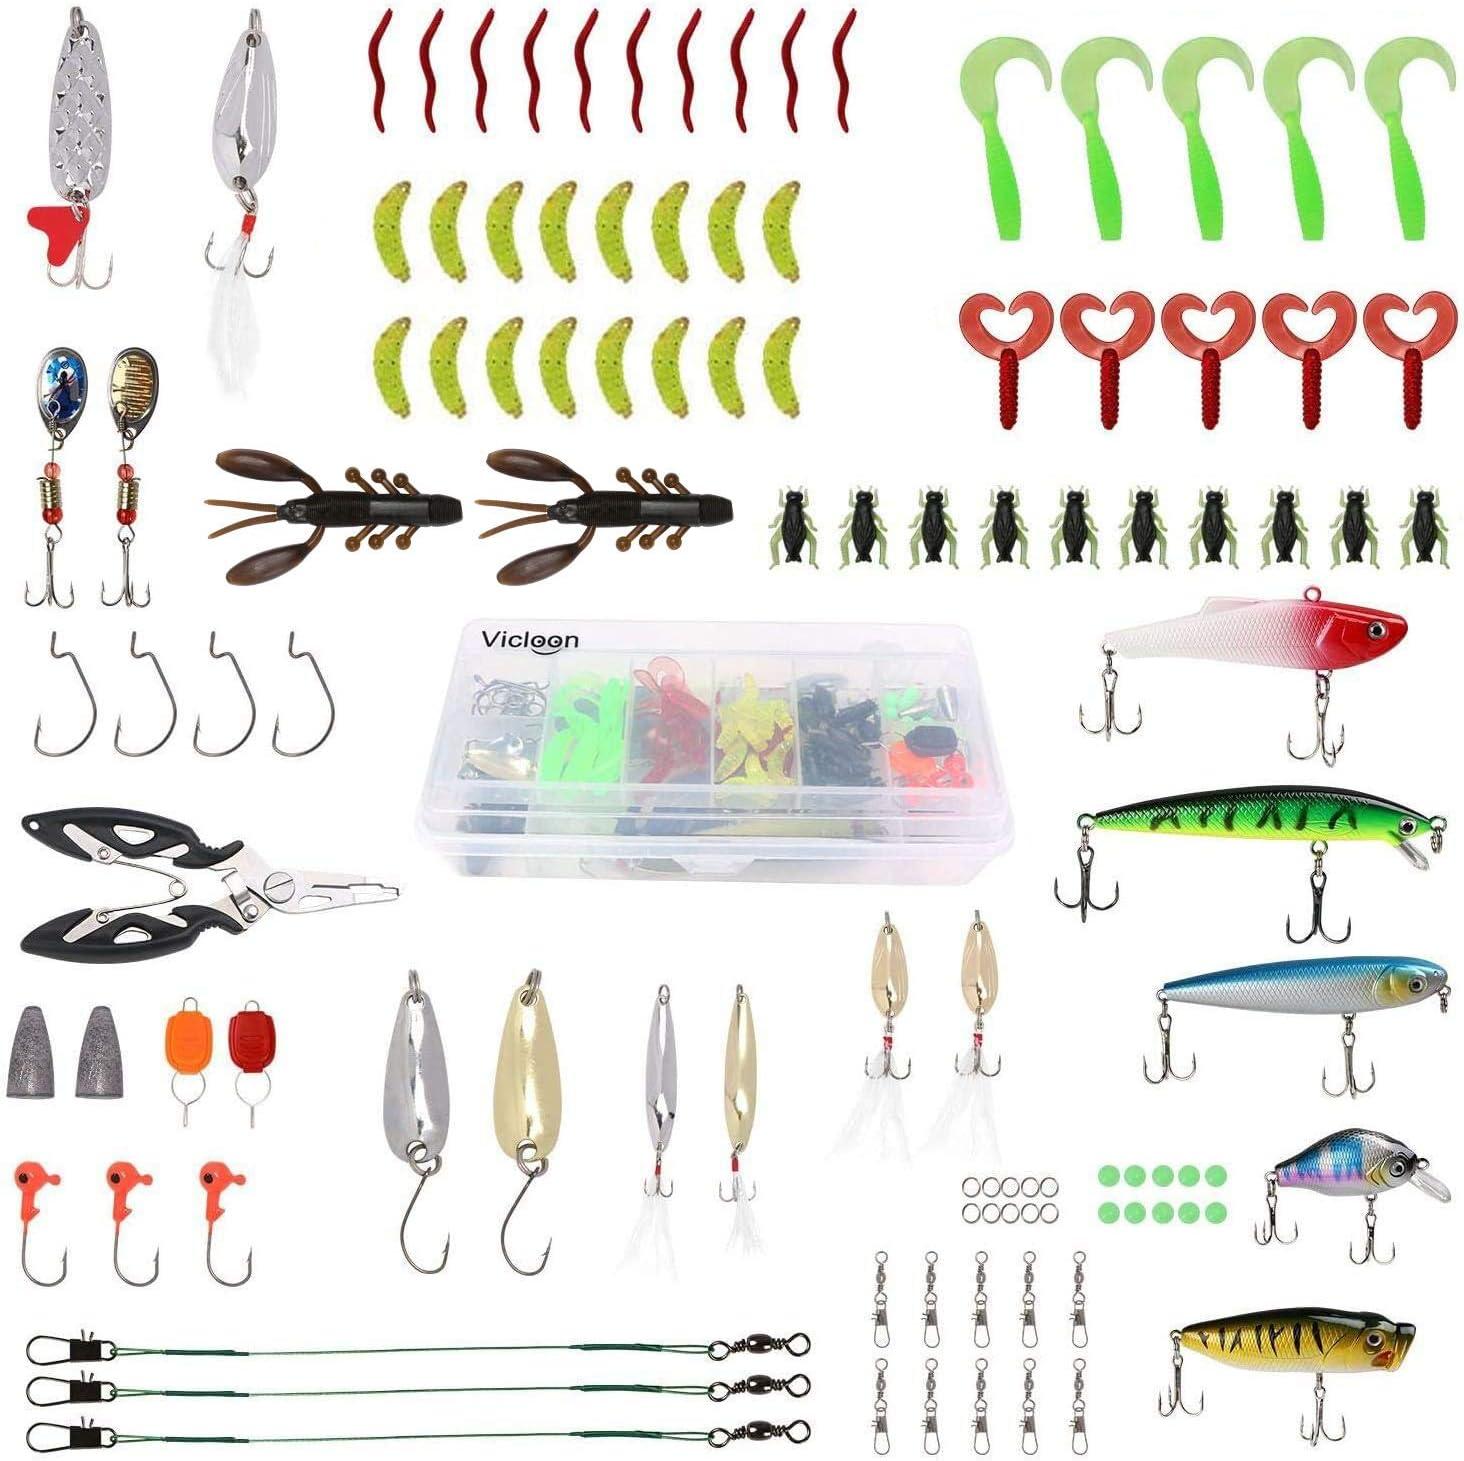 Vicloon 110 Piezas Señuelos Pesca, Cebo Pesca Contiene Black Bass, la Caja Tackle, Ganchos, Tijeras, Spinning Cebos Pesca etc Accesorios de Pesca: Amazon.es: Deportes y aire libre